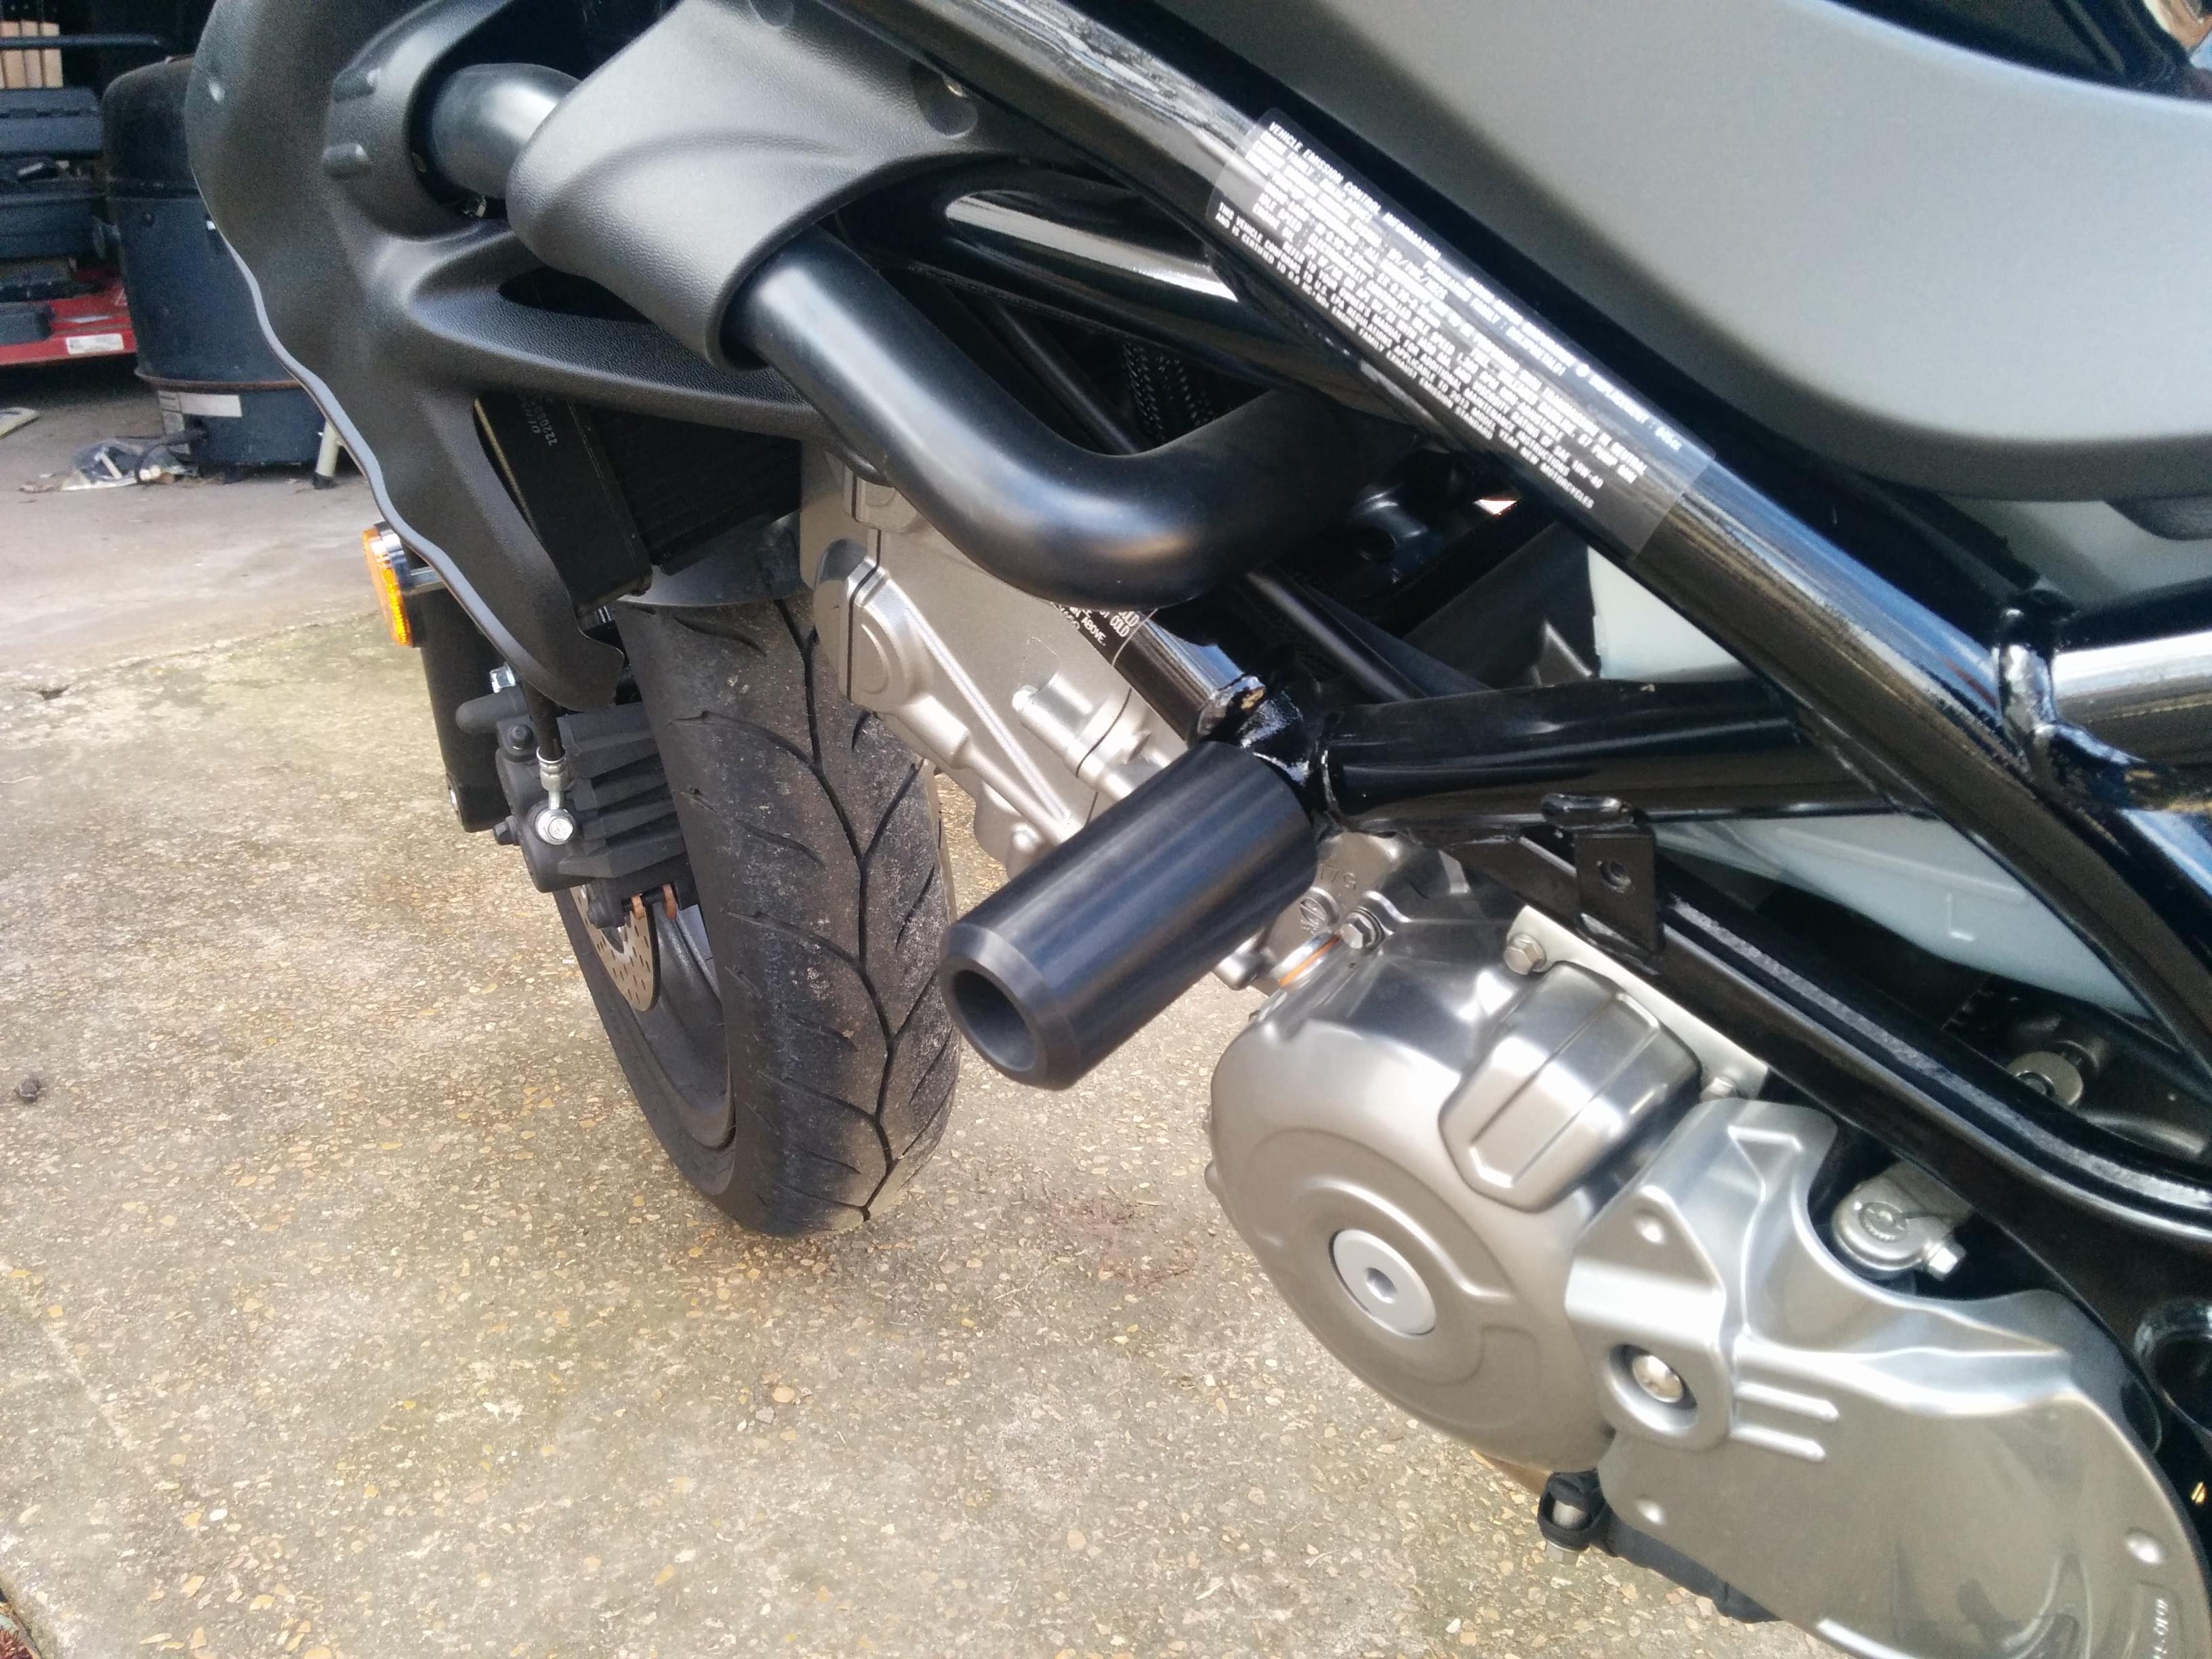 2017 SV650 Motosliders Frame Sliders and 8mm race Swing Arm Sliders COMBO